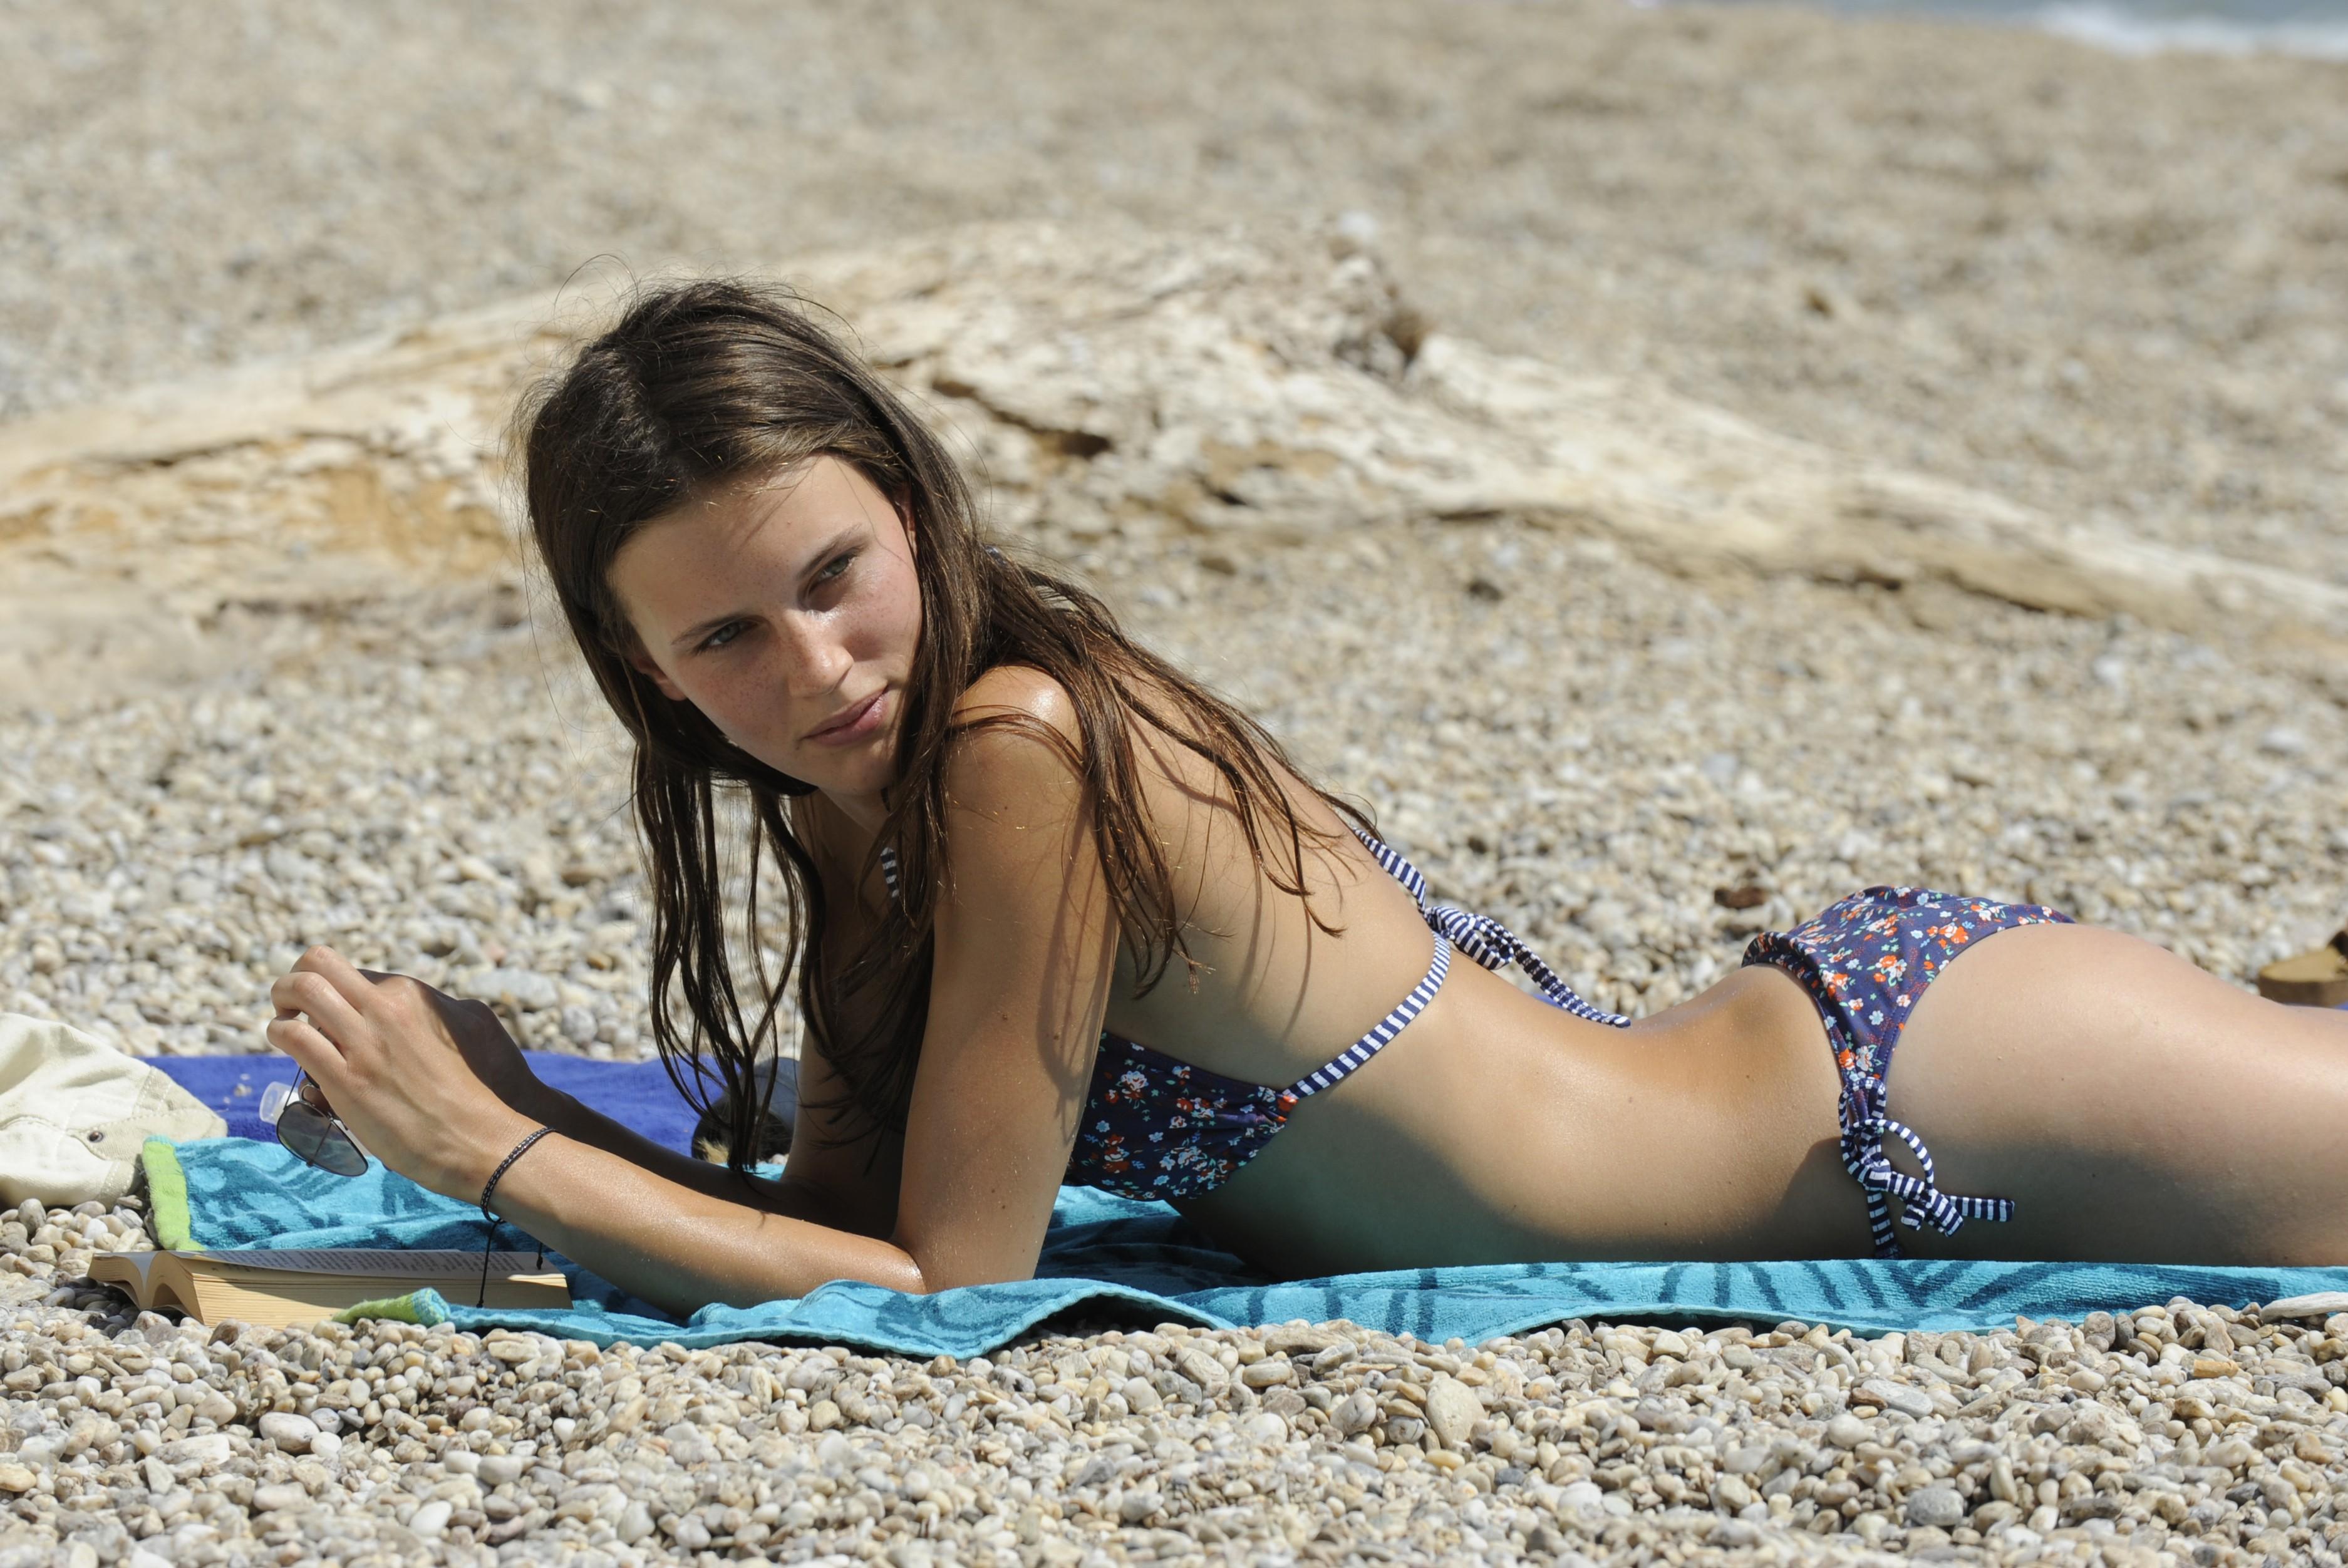 Смотреть молодые девочки писают 9 фотография